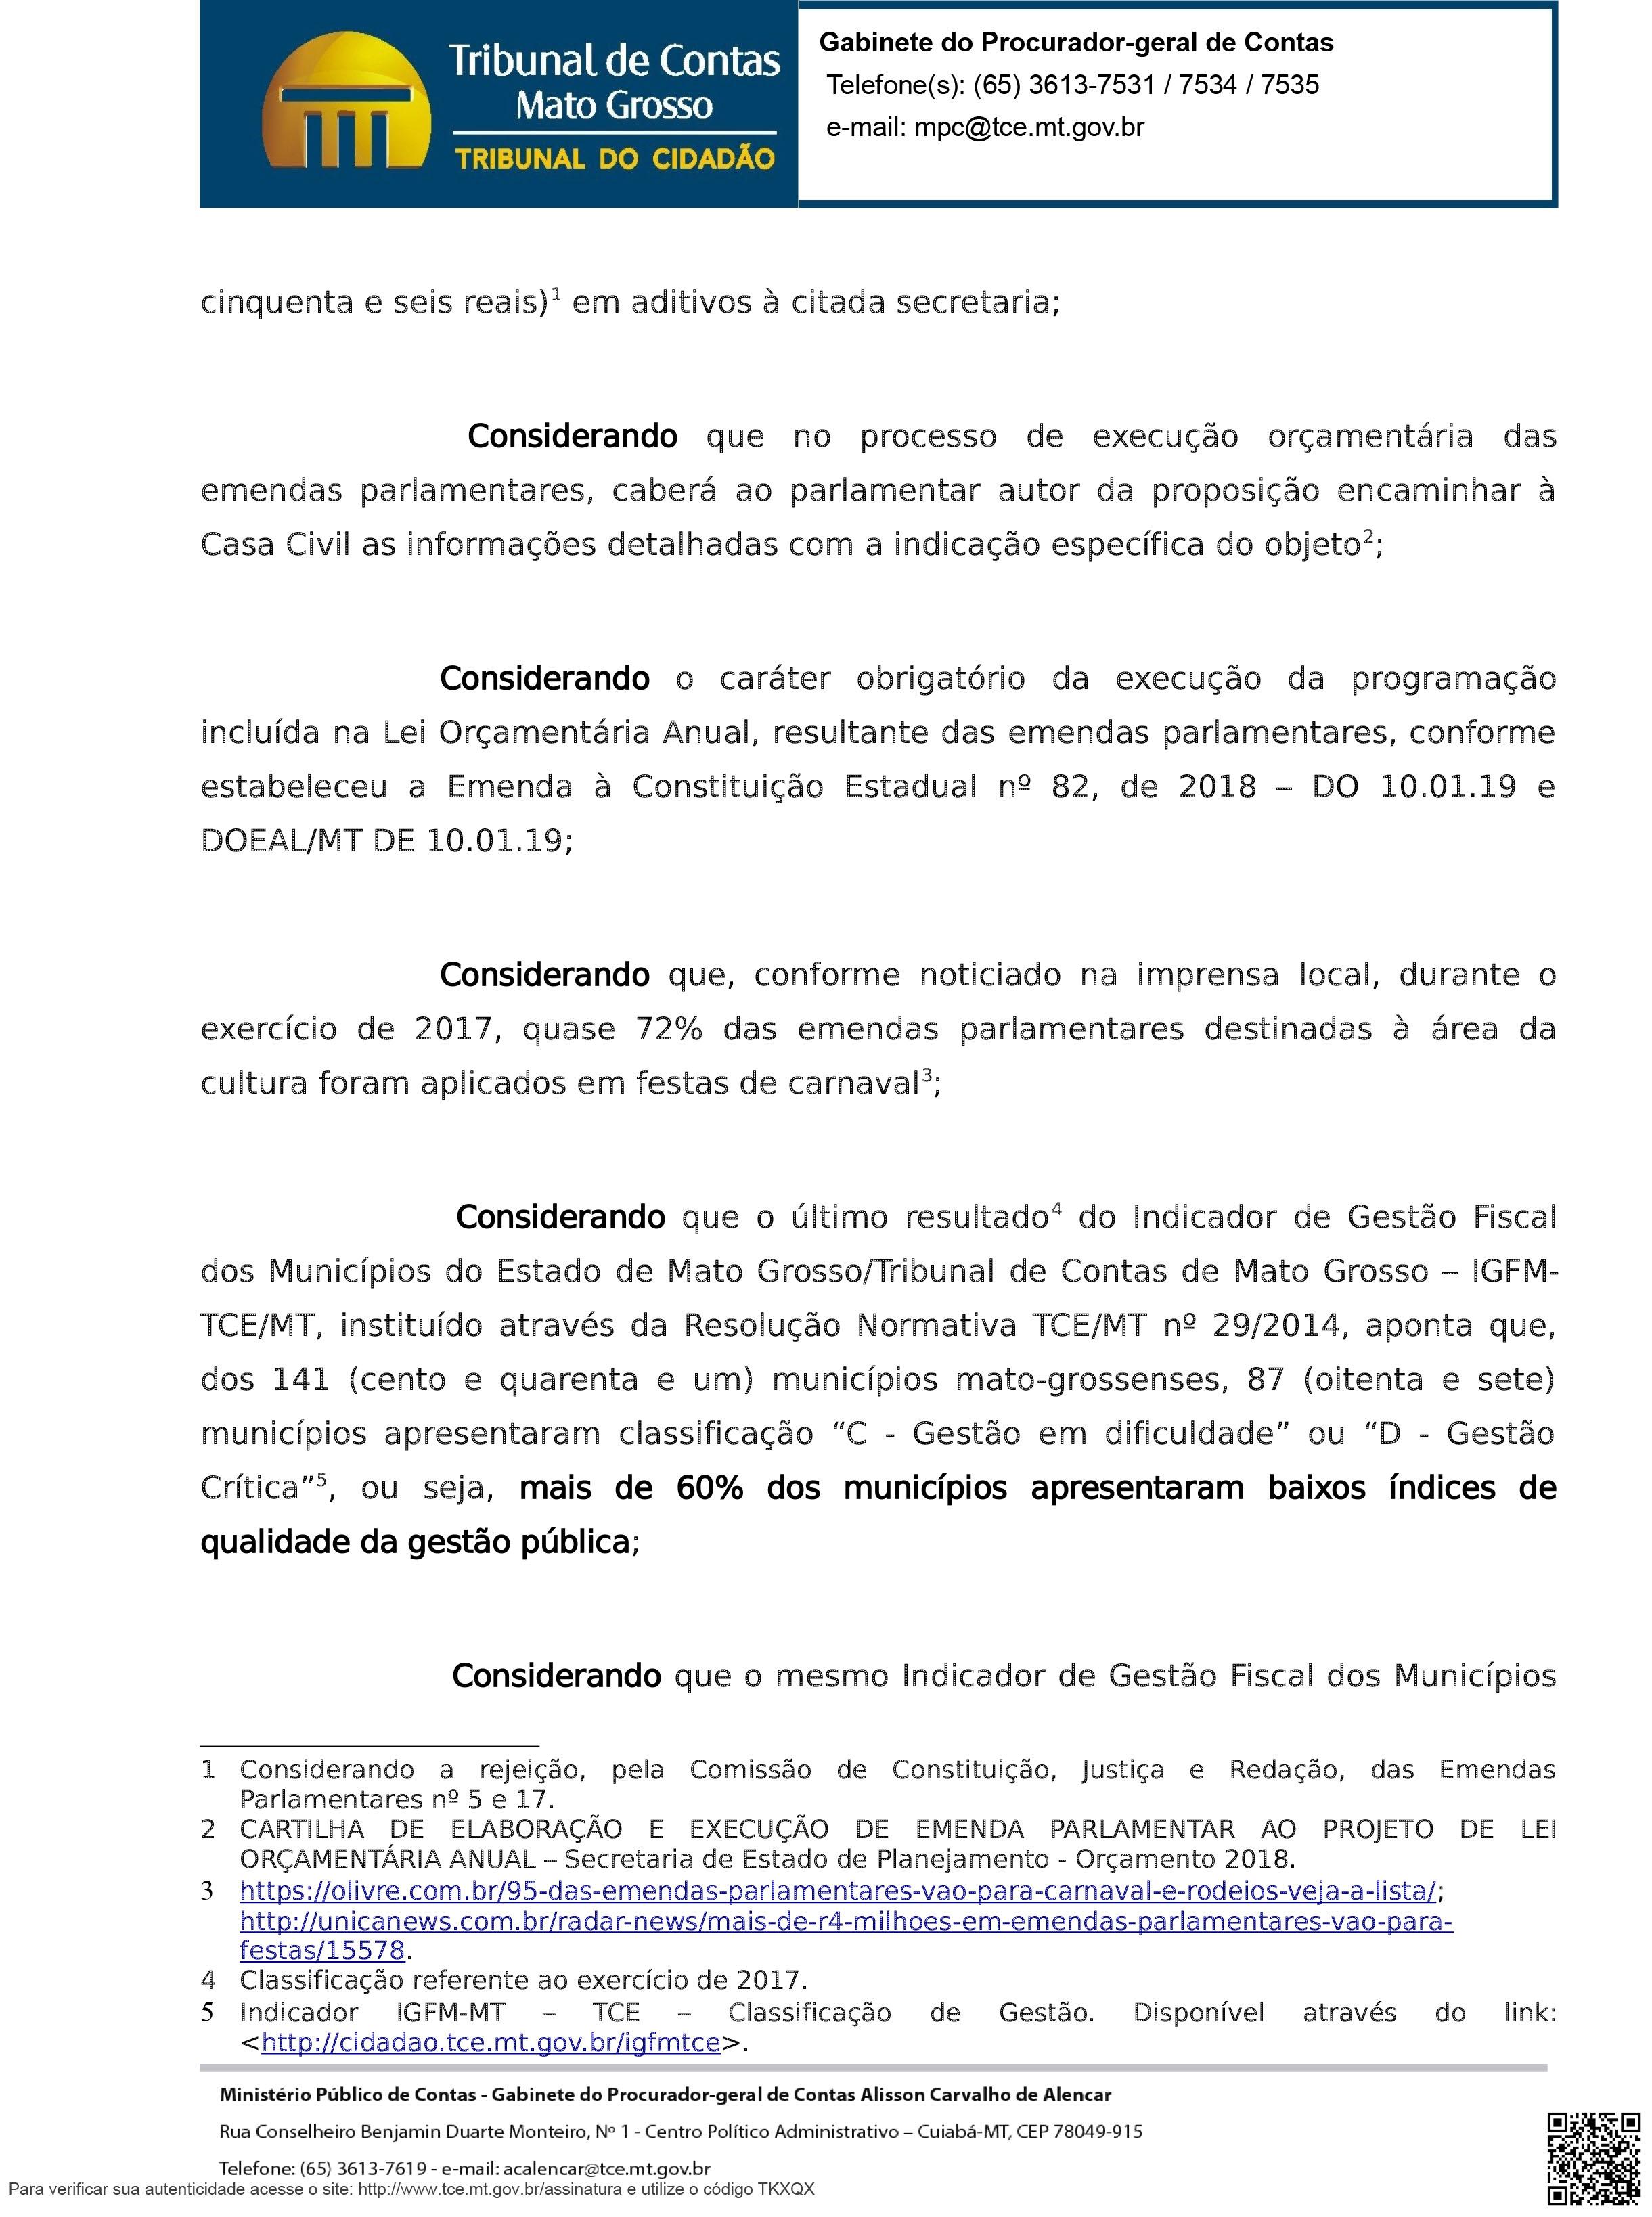 OFÍCIO CIRCULAR 01-2019 FESTIVIDADES DE CARNAVAL-3